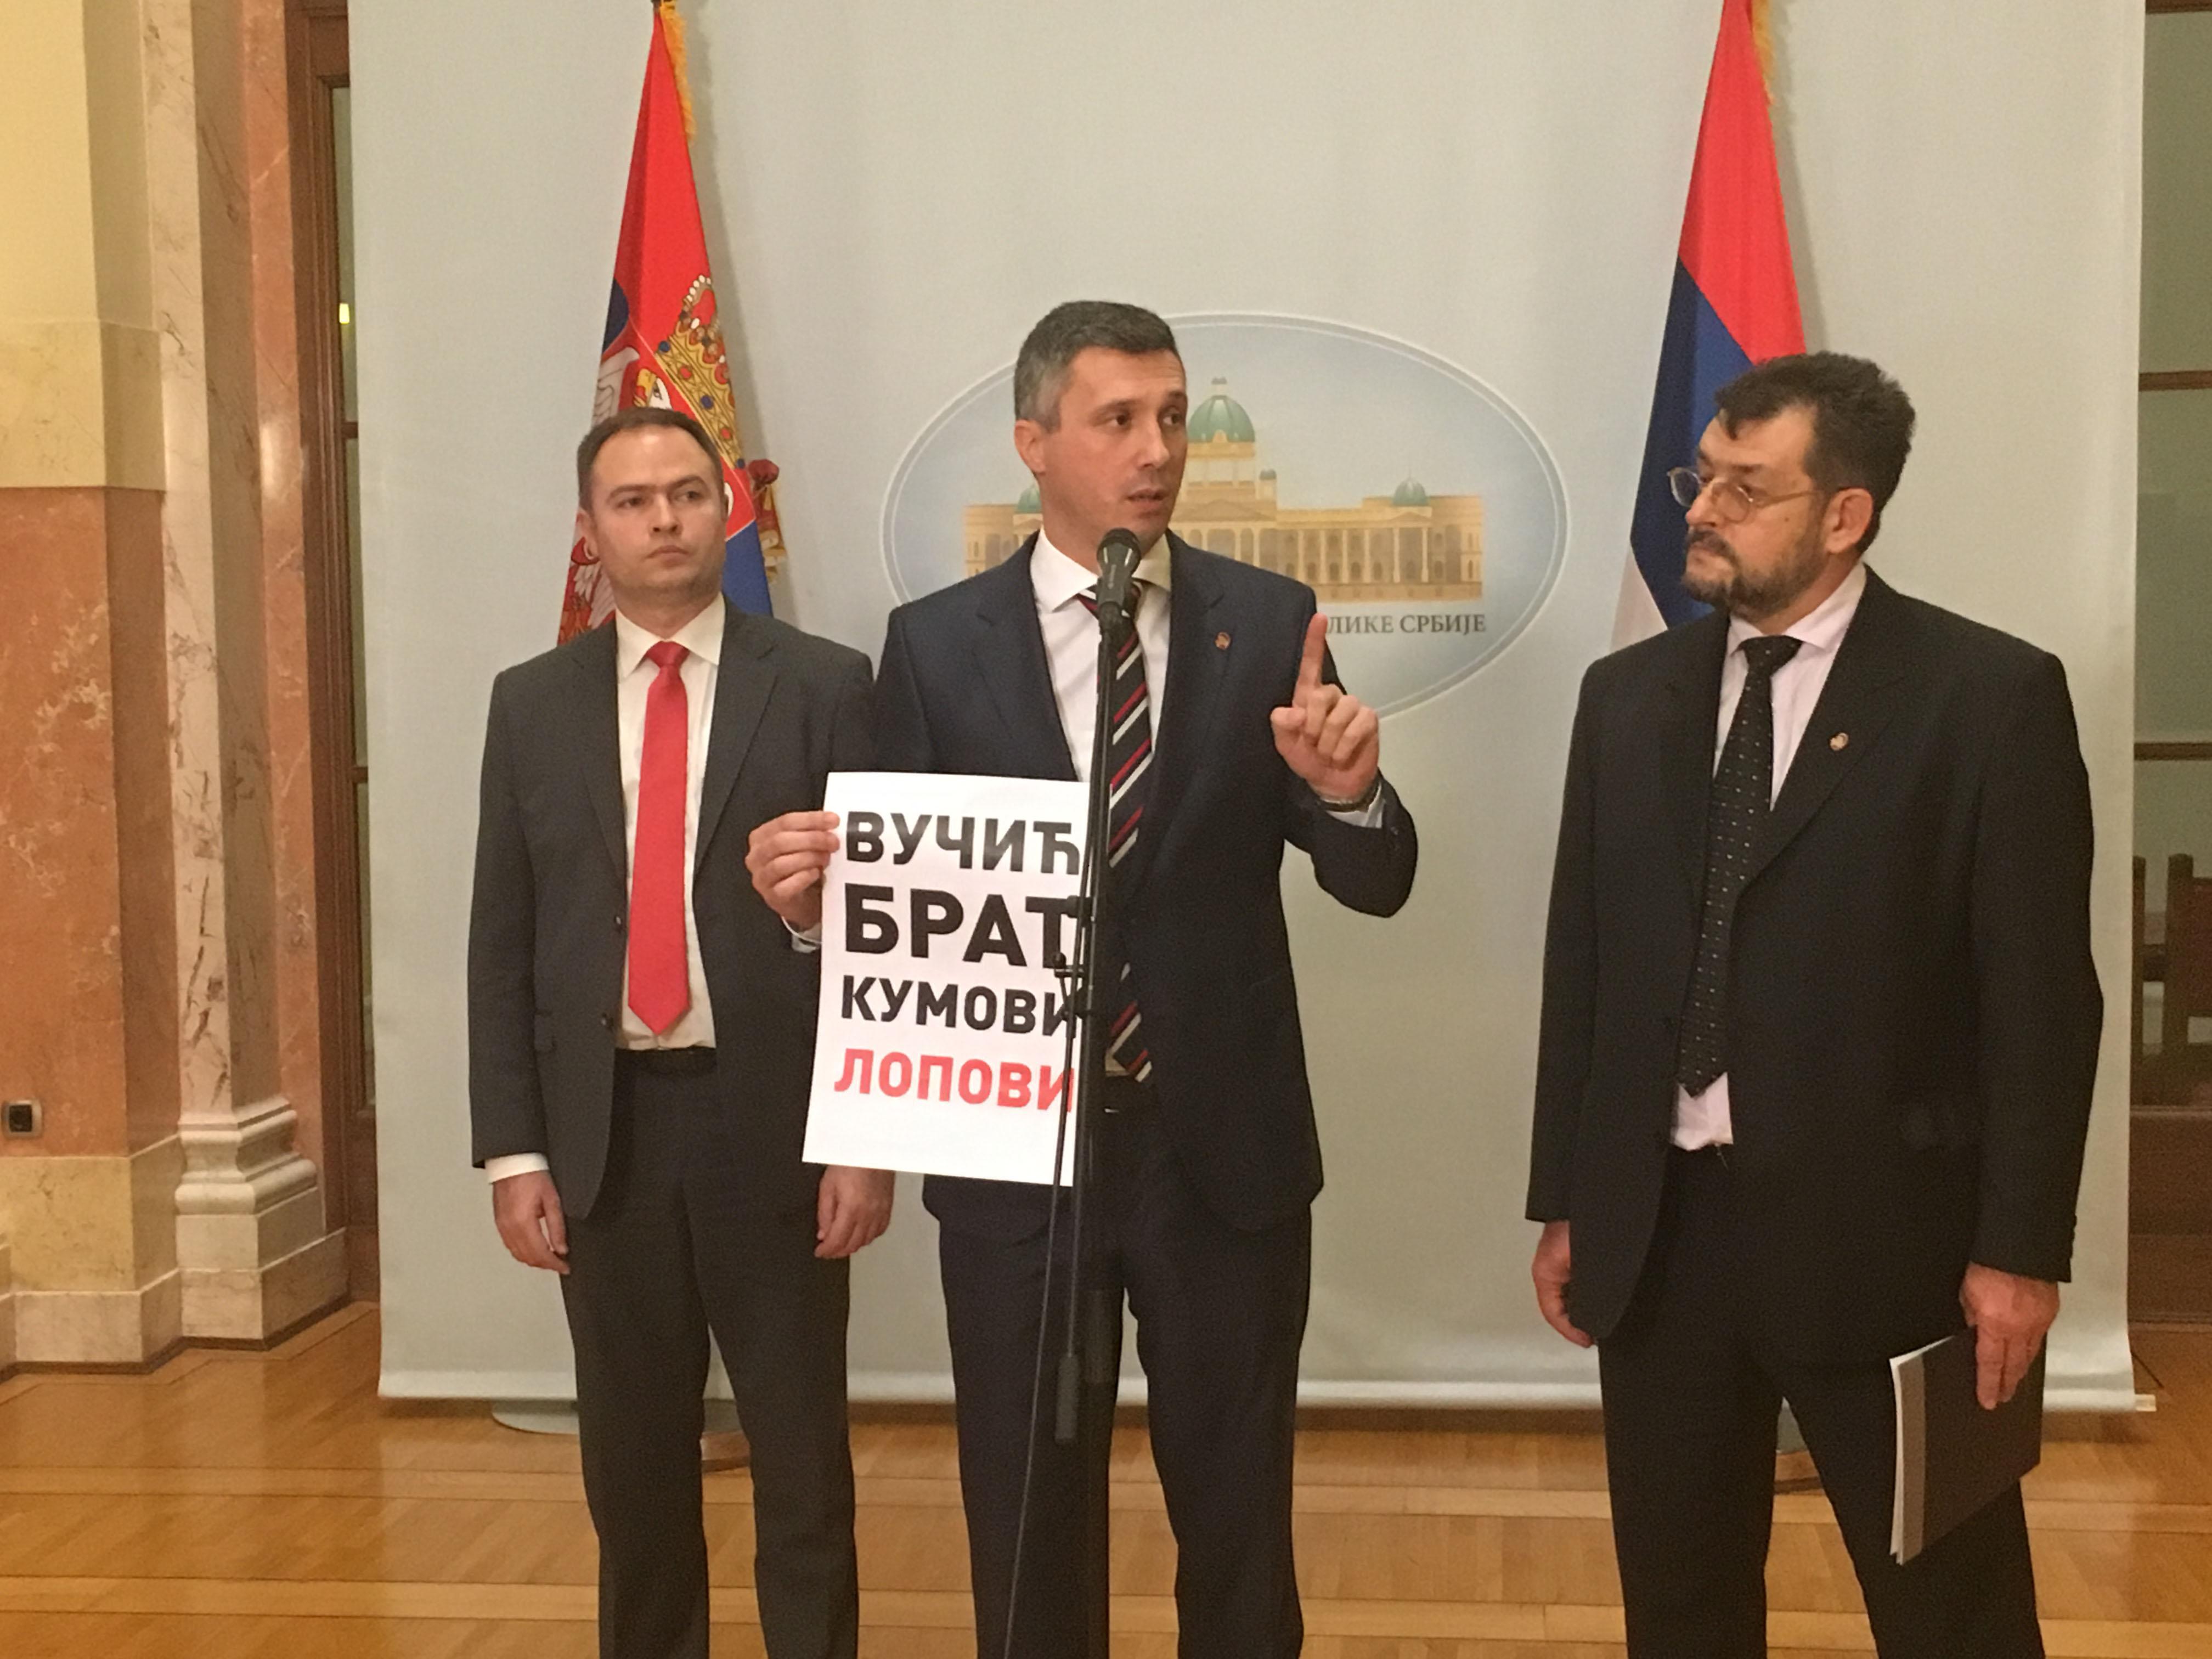 Boško Obradović: Vlada pobegla od pitanja Dveri: Vučić-brat-kumovi-lopovi